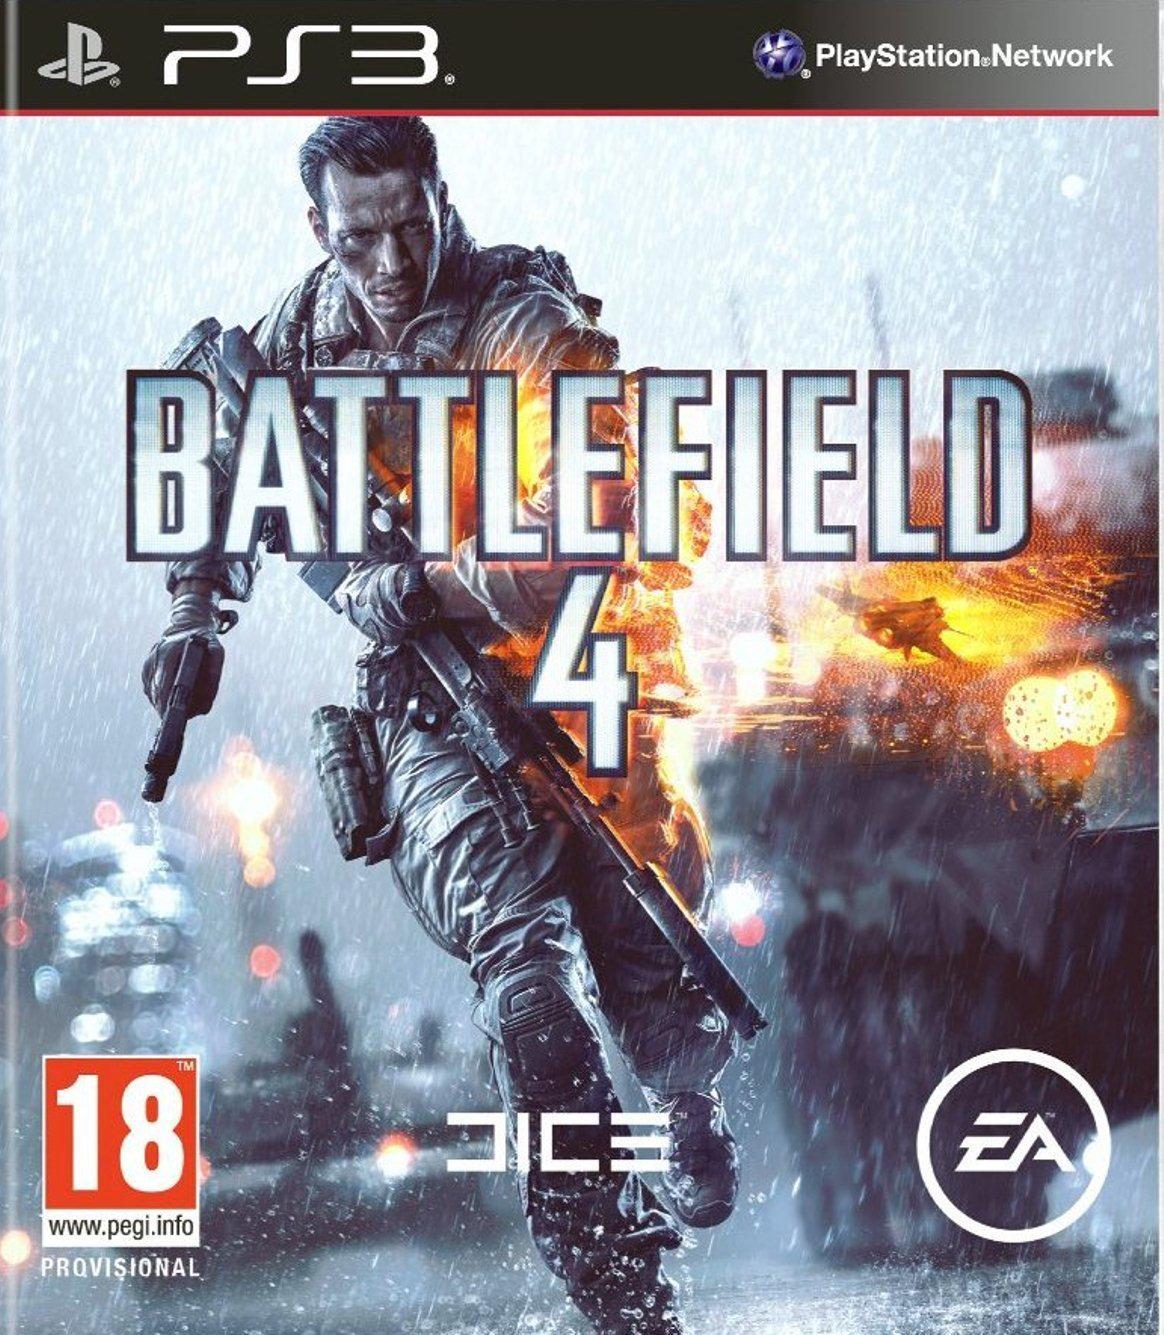 Battlefield 4 sur PS3 / Xbox 360 (Avec 10€ de remise via Skyrock Cashback)